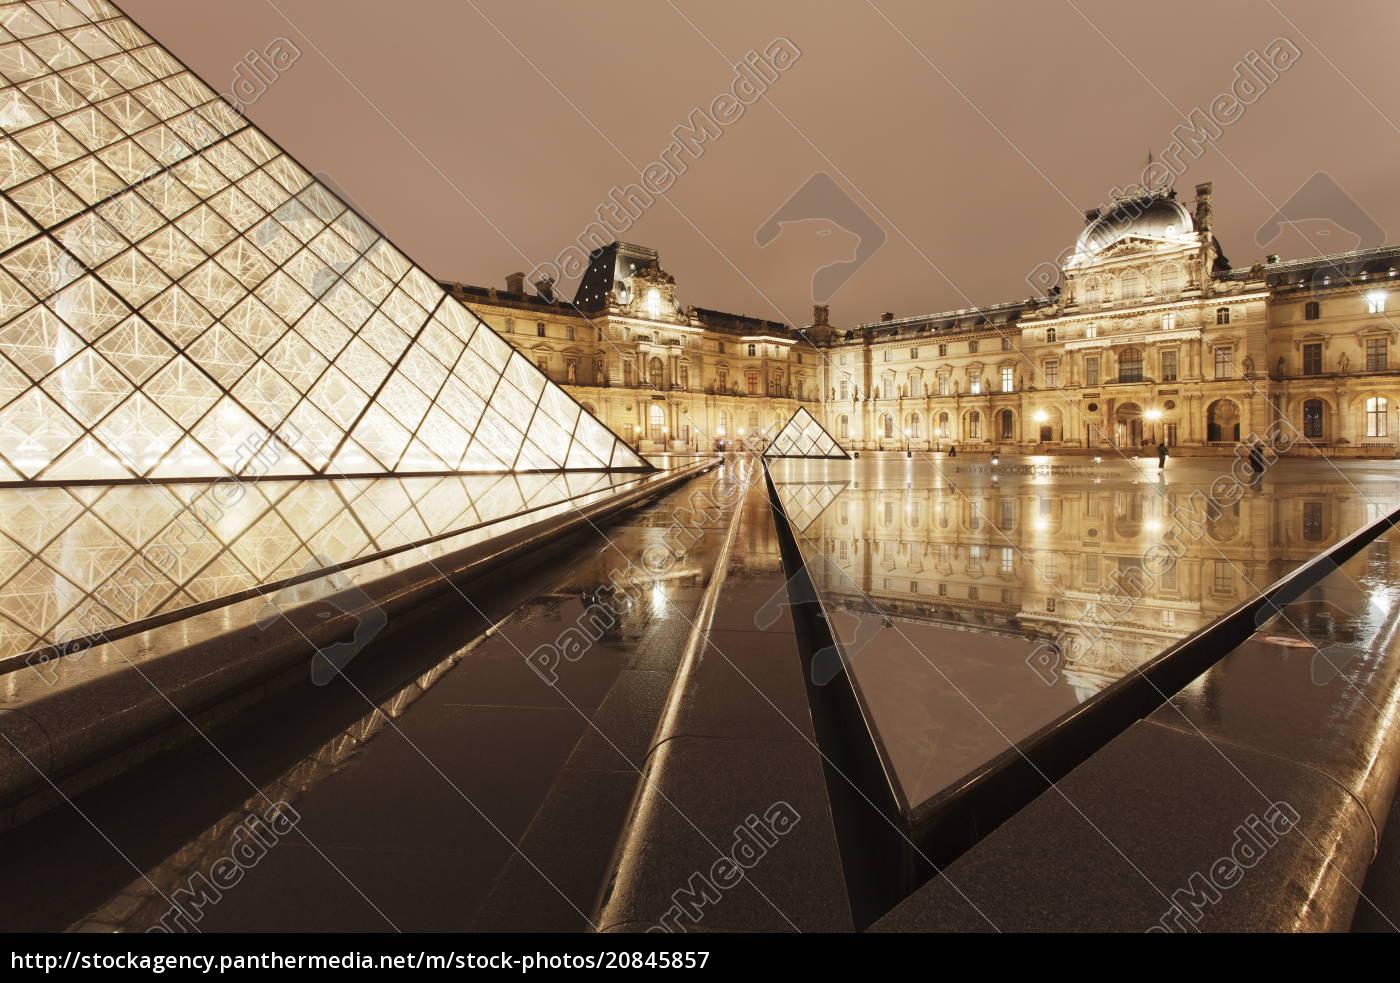 louvre, und, pyramide, paris, ile, de, france, frankreich, europa - 20845857